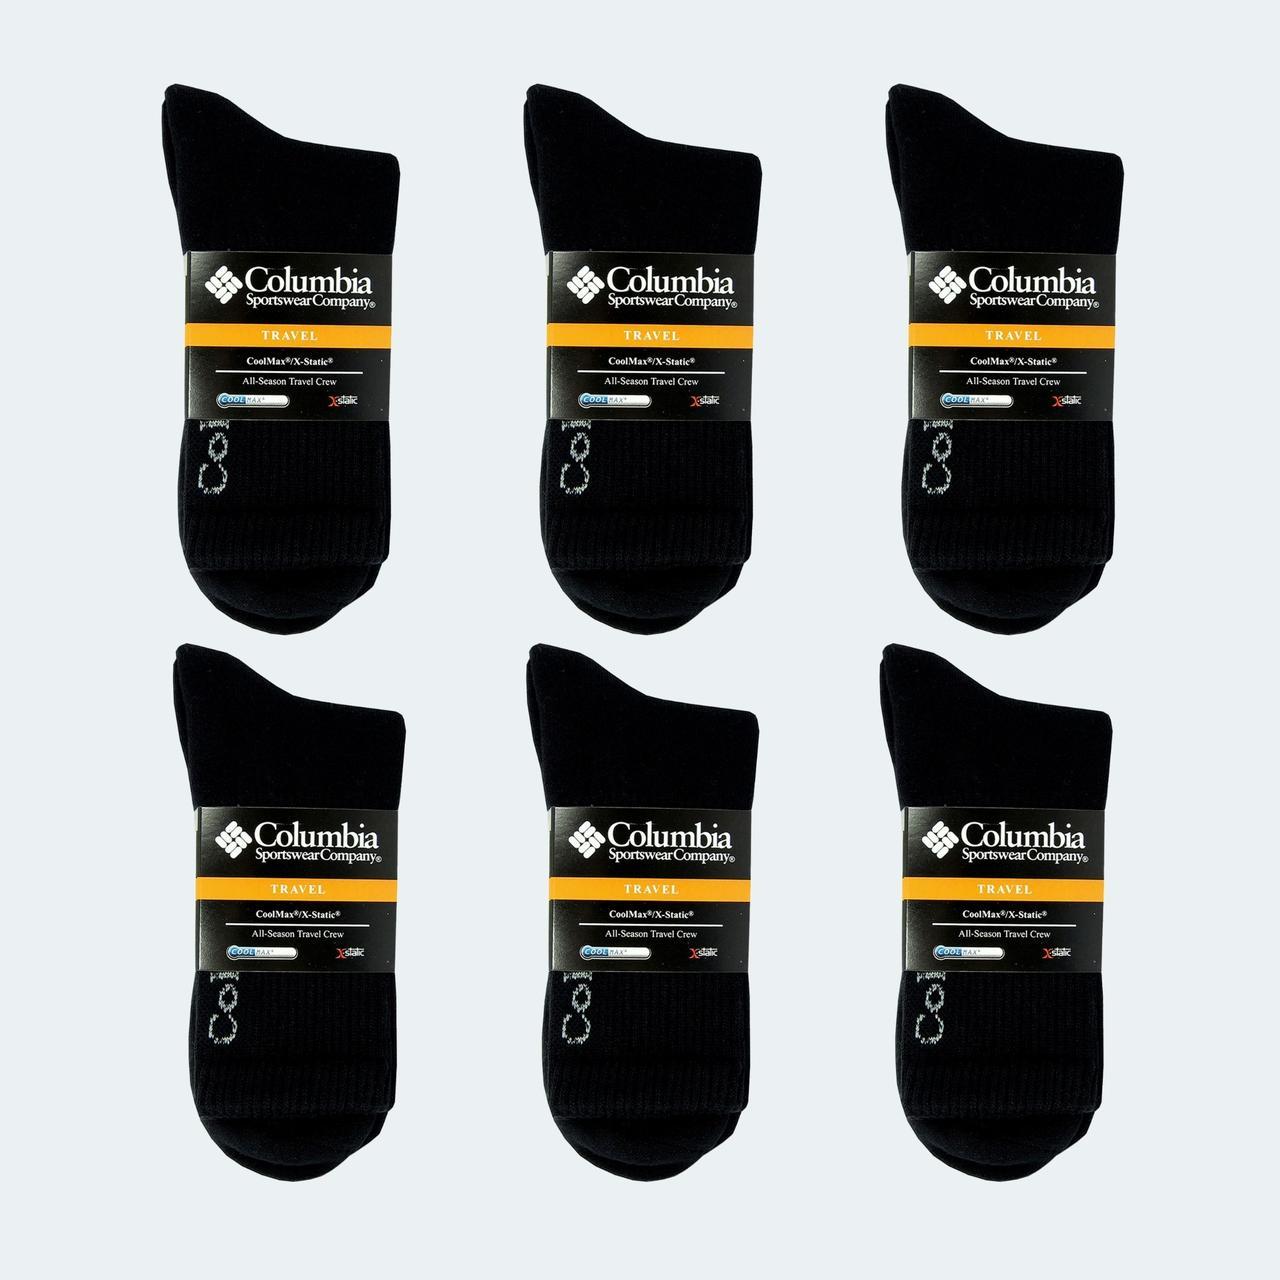 Зимние Термоноски Columbia, Набор 6 шт, цвет черный СС-4999-10